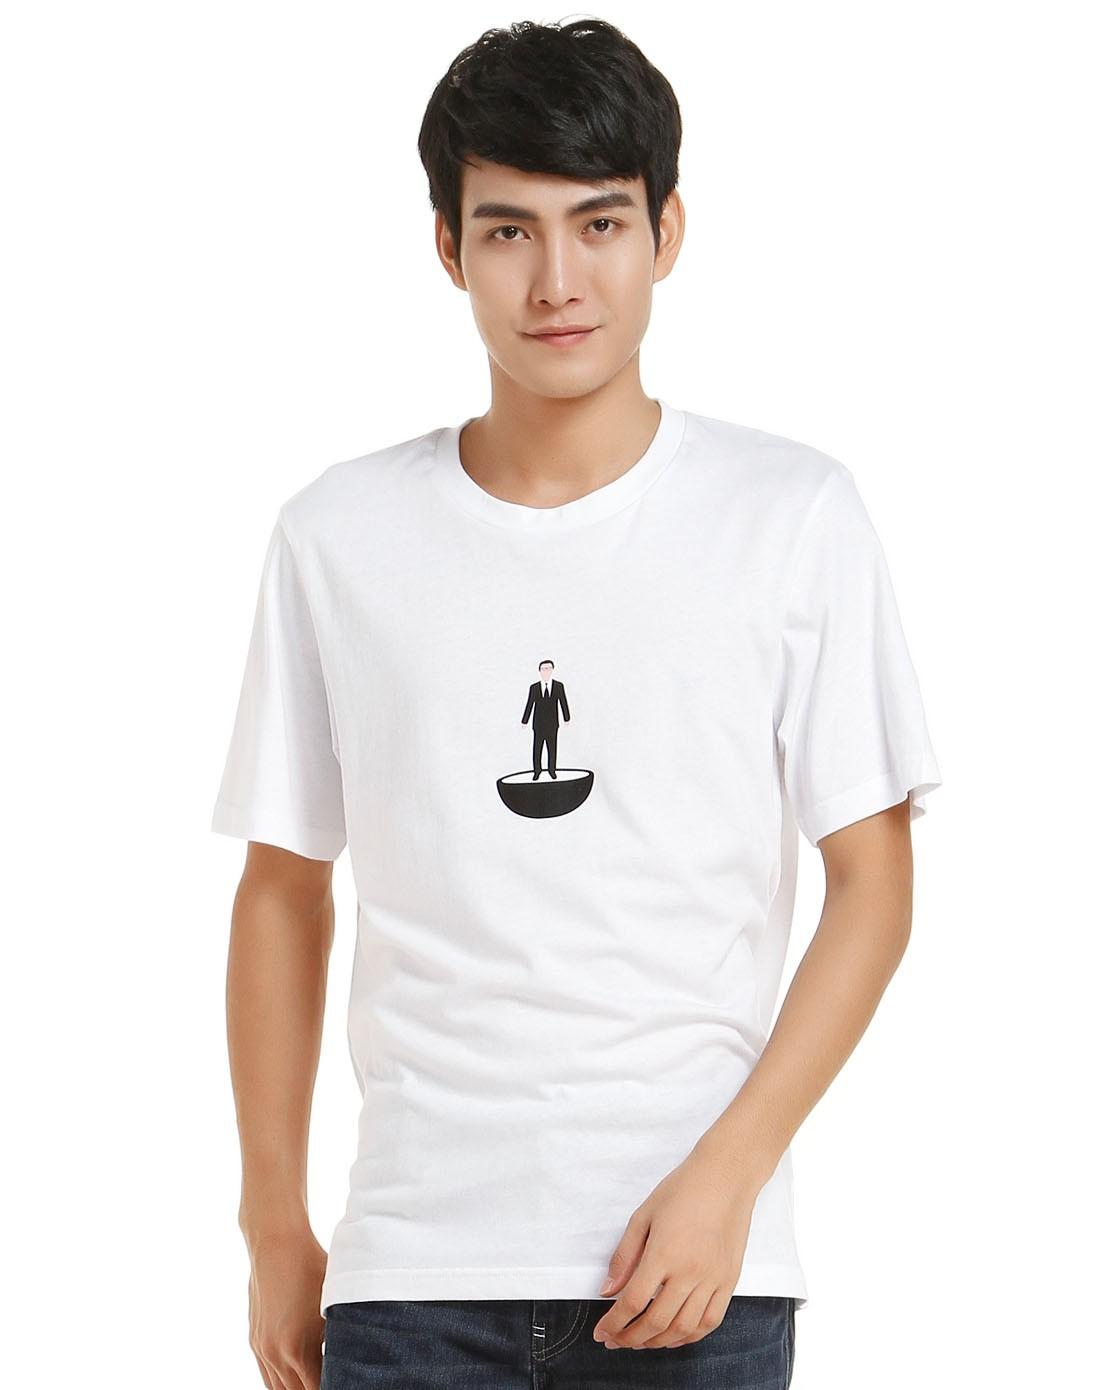 男款卡通人物印花白色短袖t恤